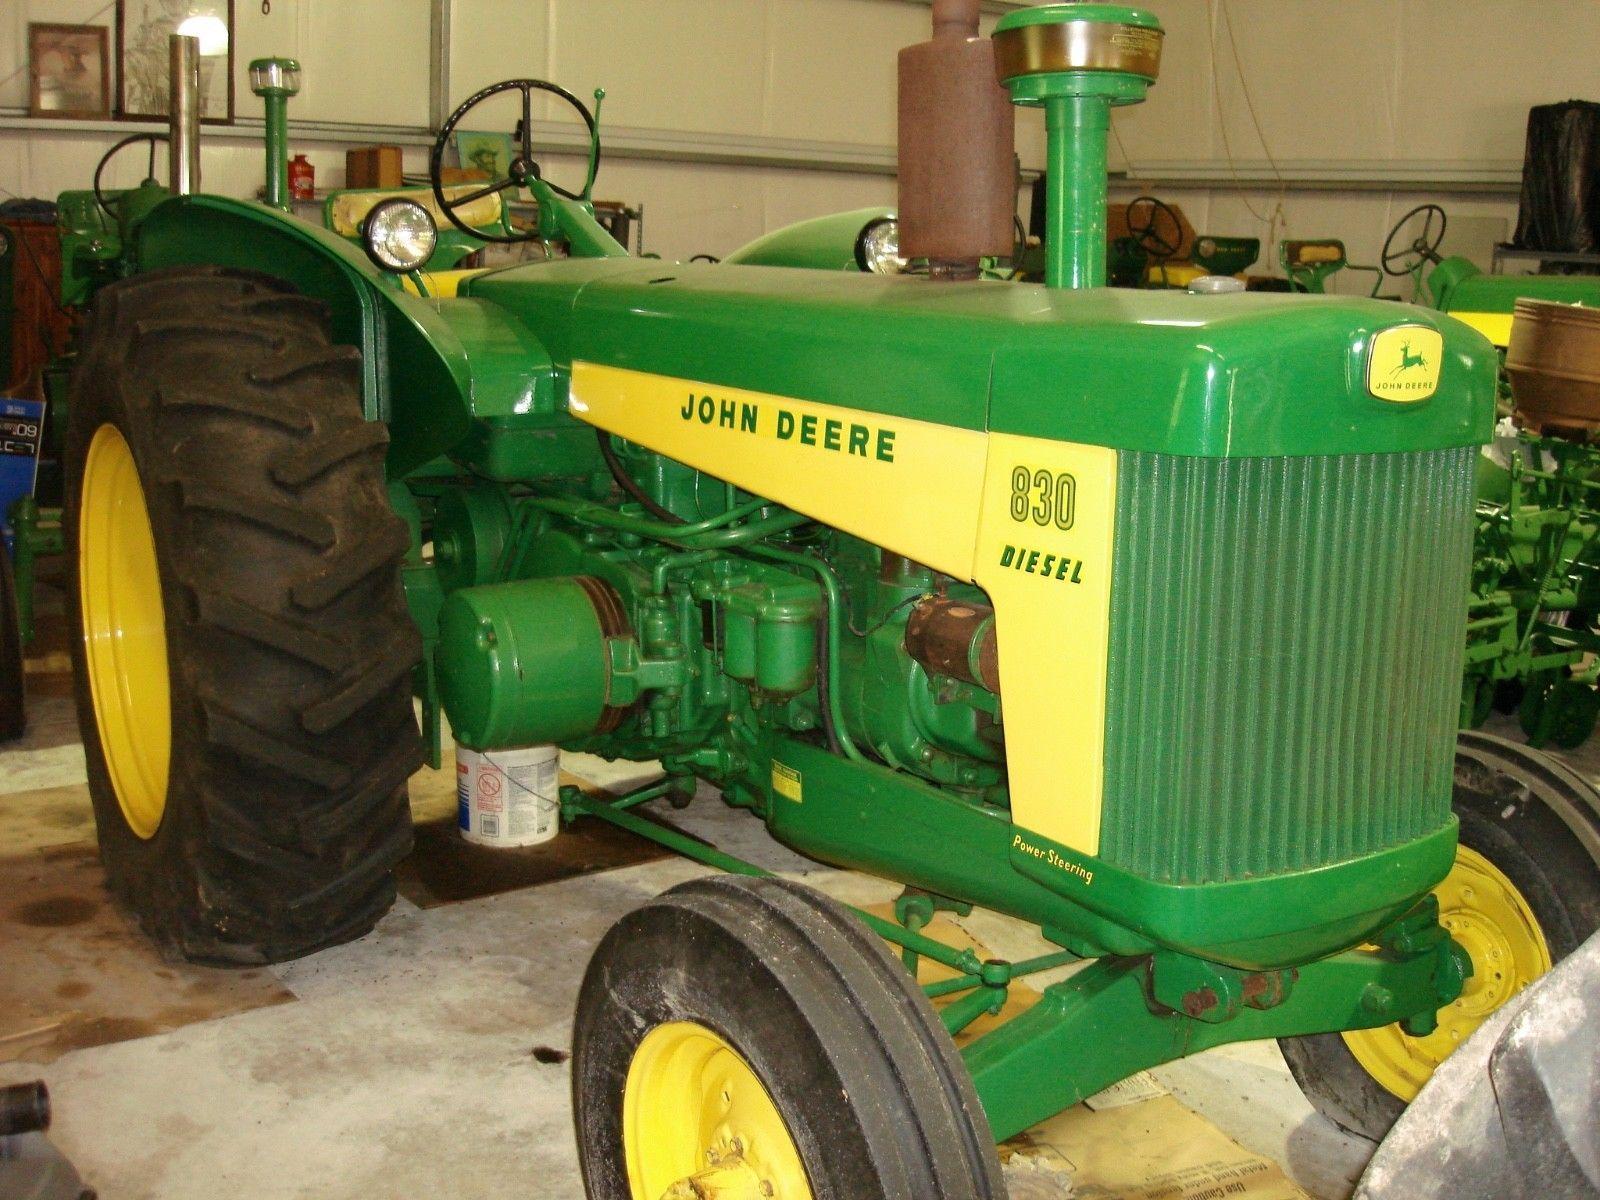 1959 John Deere 830 Tractor